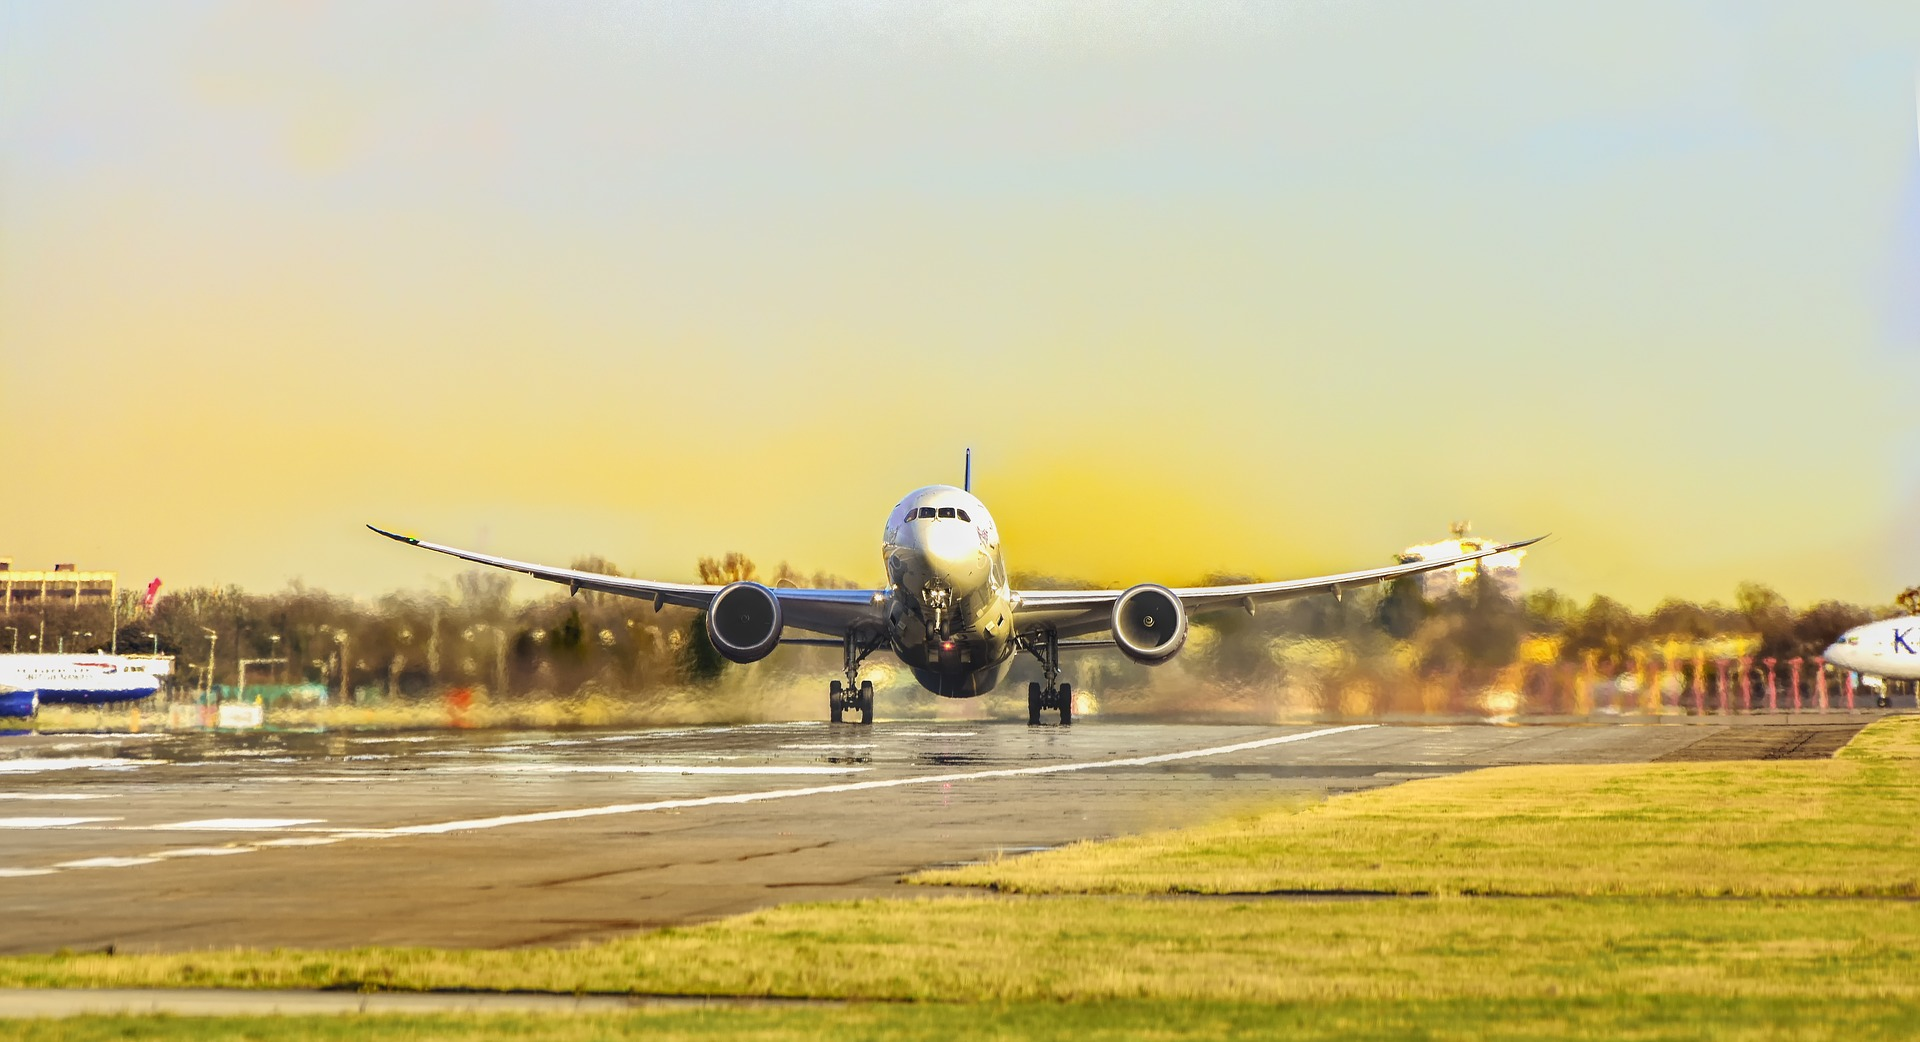 空港を飛び立つ飛行機のイメージ写真